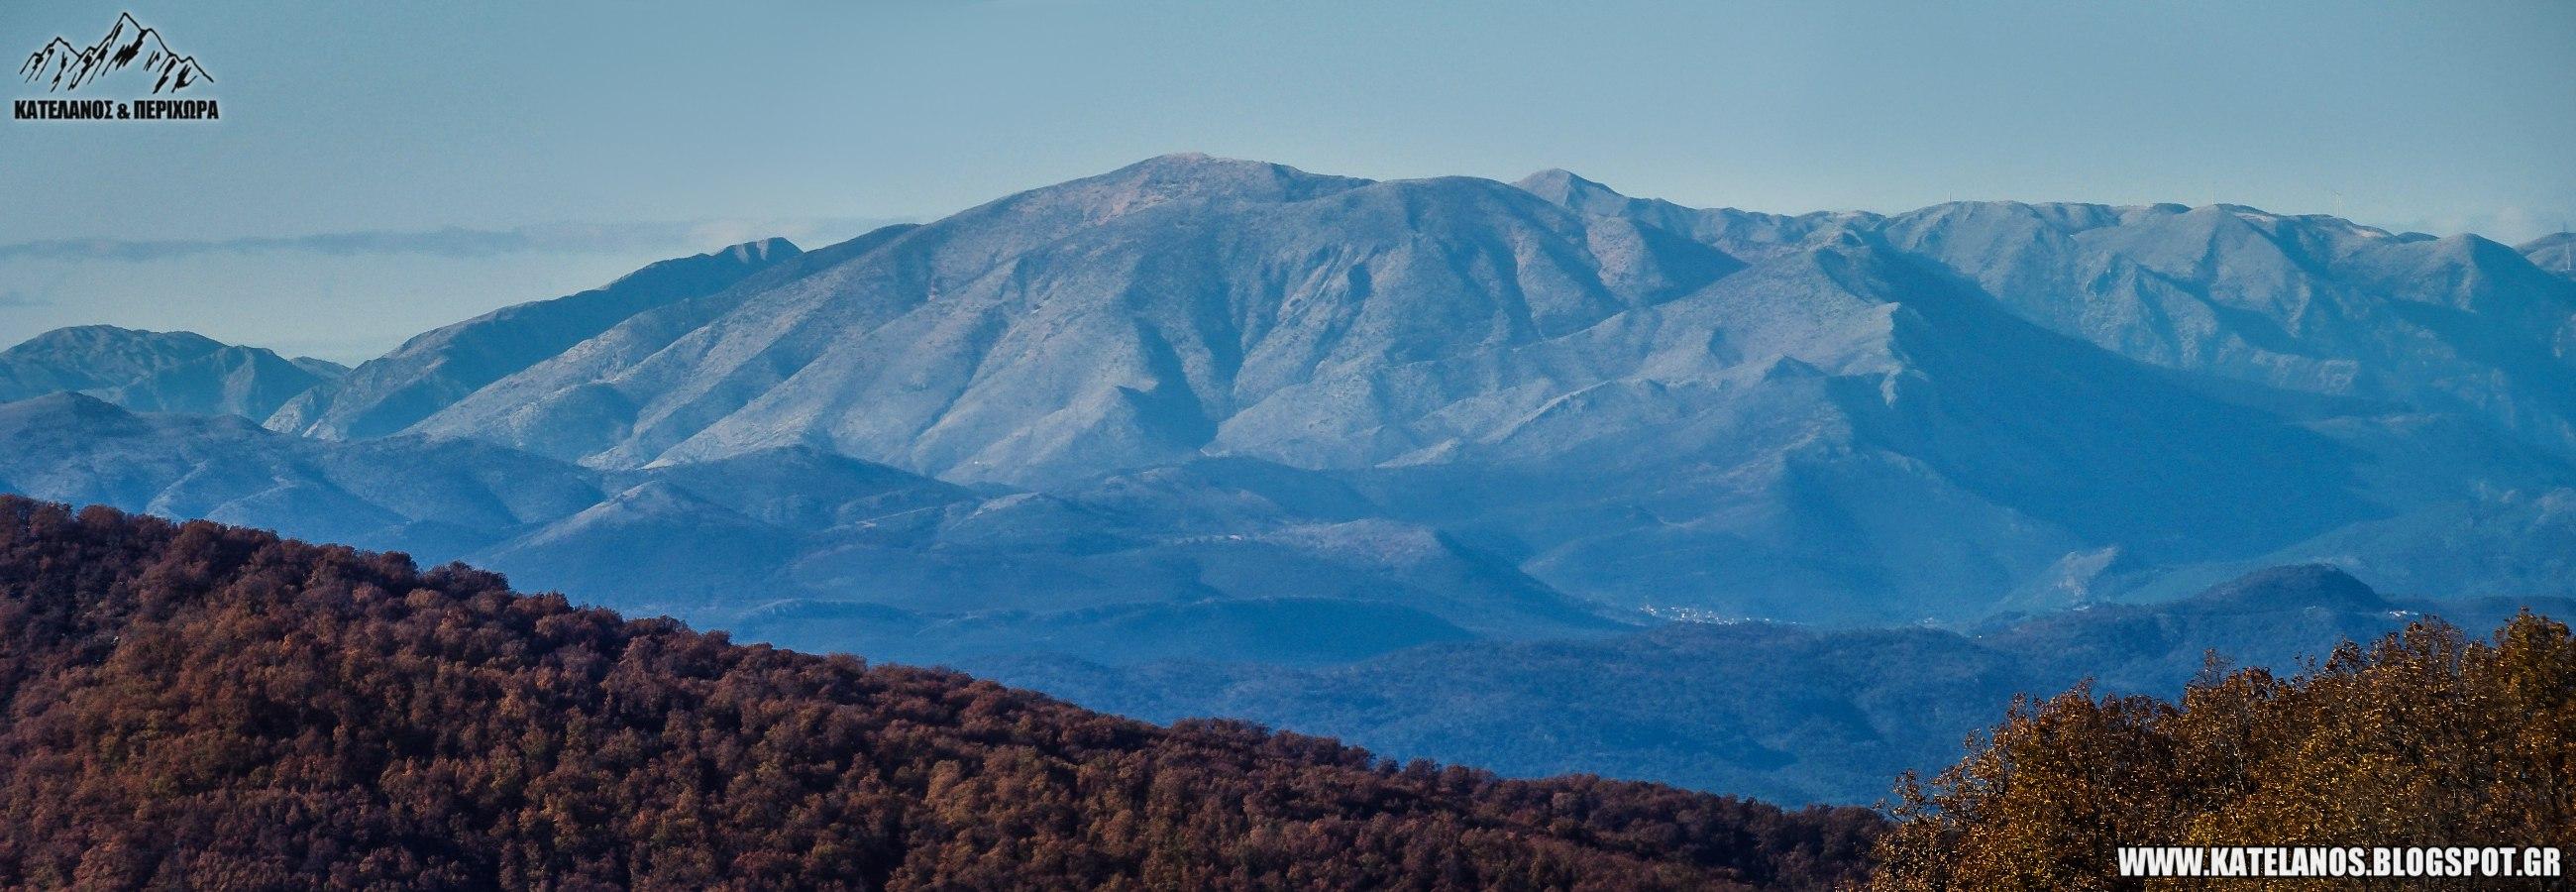 ακαρνανικα ορη μπουμιστος βουνο οροσειρα